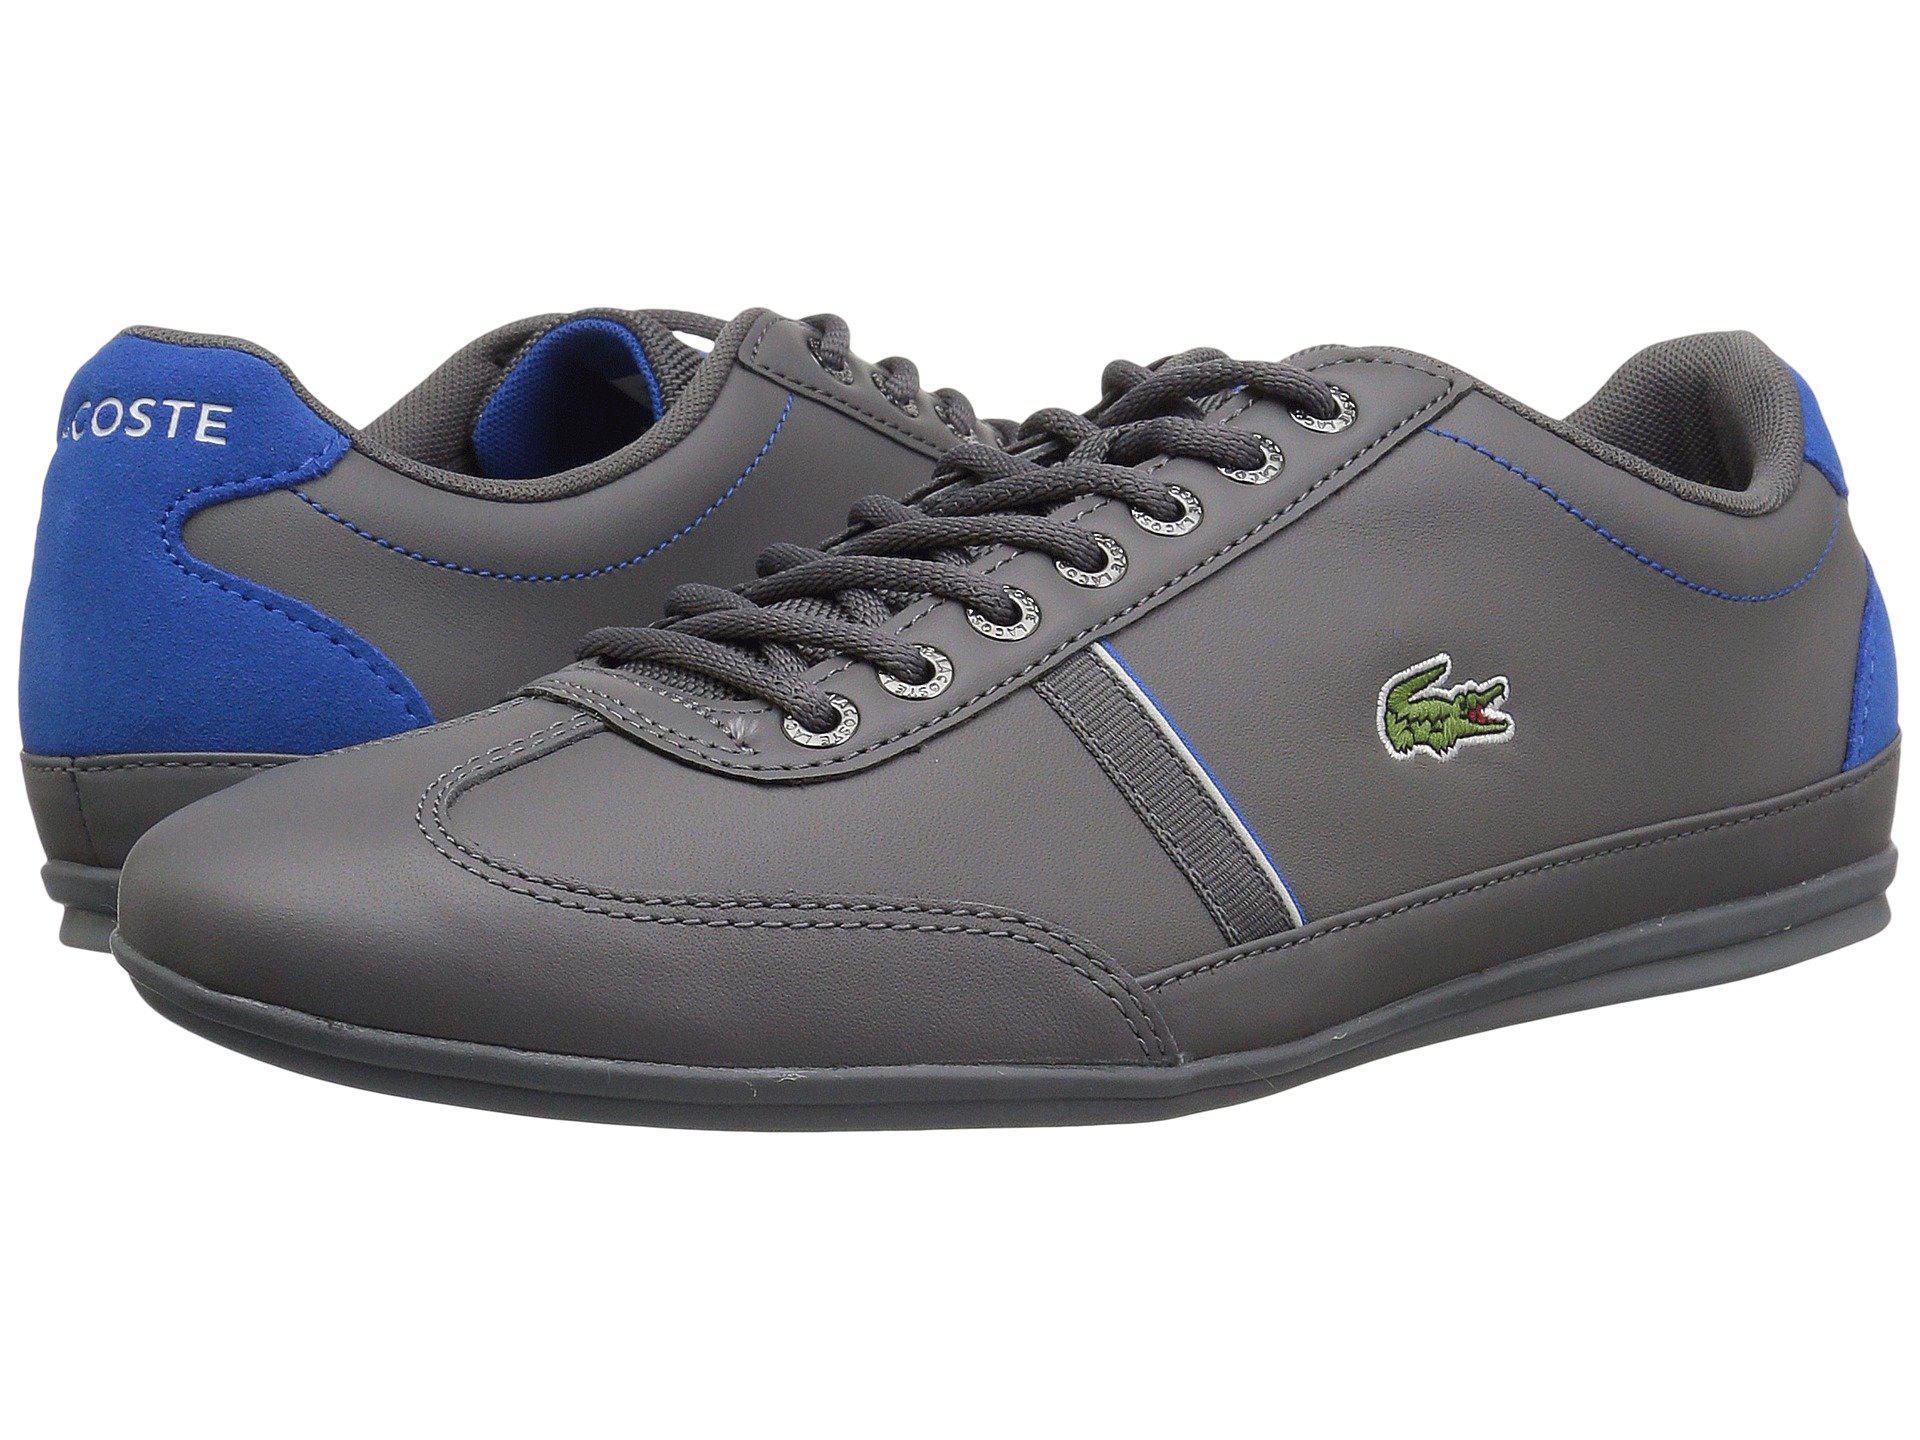 a561ca7b8aee2b Lyst - Lacoste Misano Sport 118 1 (dark Grey blue) Men s Shoes in ...